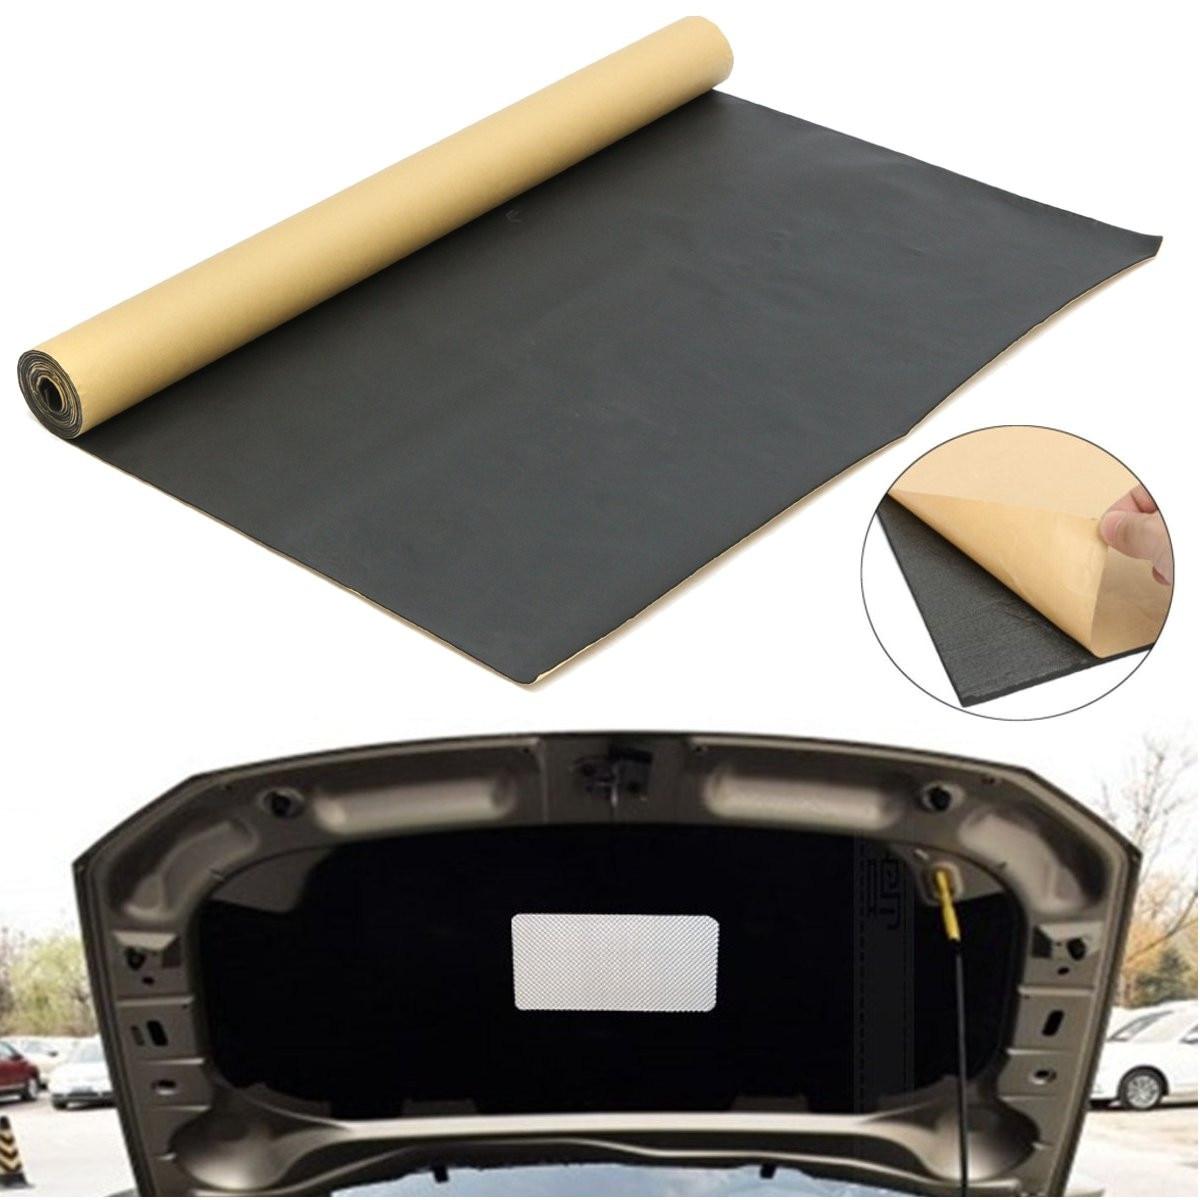 1 롤 300cm x 100cm 범용 자동차 방음 방음 열 절연 폐쇄 셀 폼 자동 홈 음향 패널 자기 접착제-에서사운드&히트 단열 코튼부터 자동차 및 오토바이 의